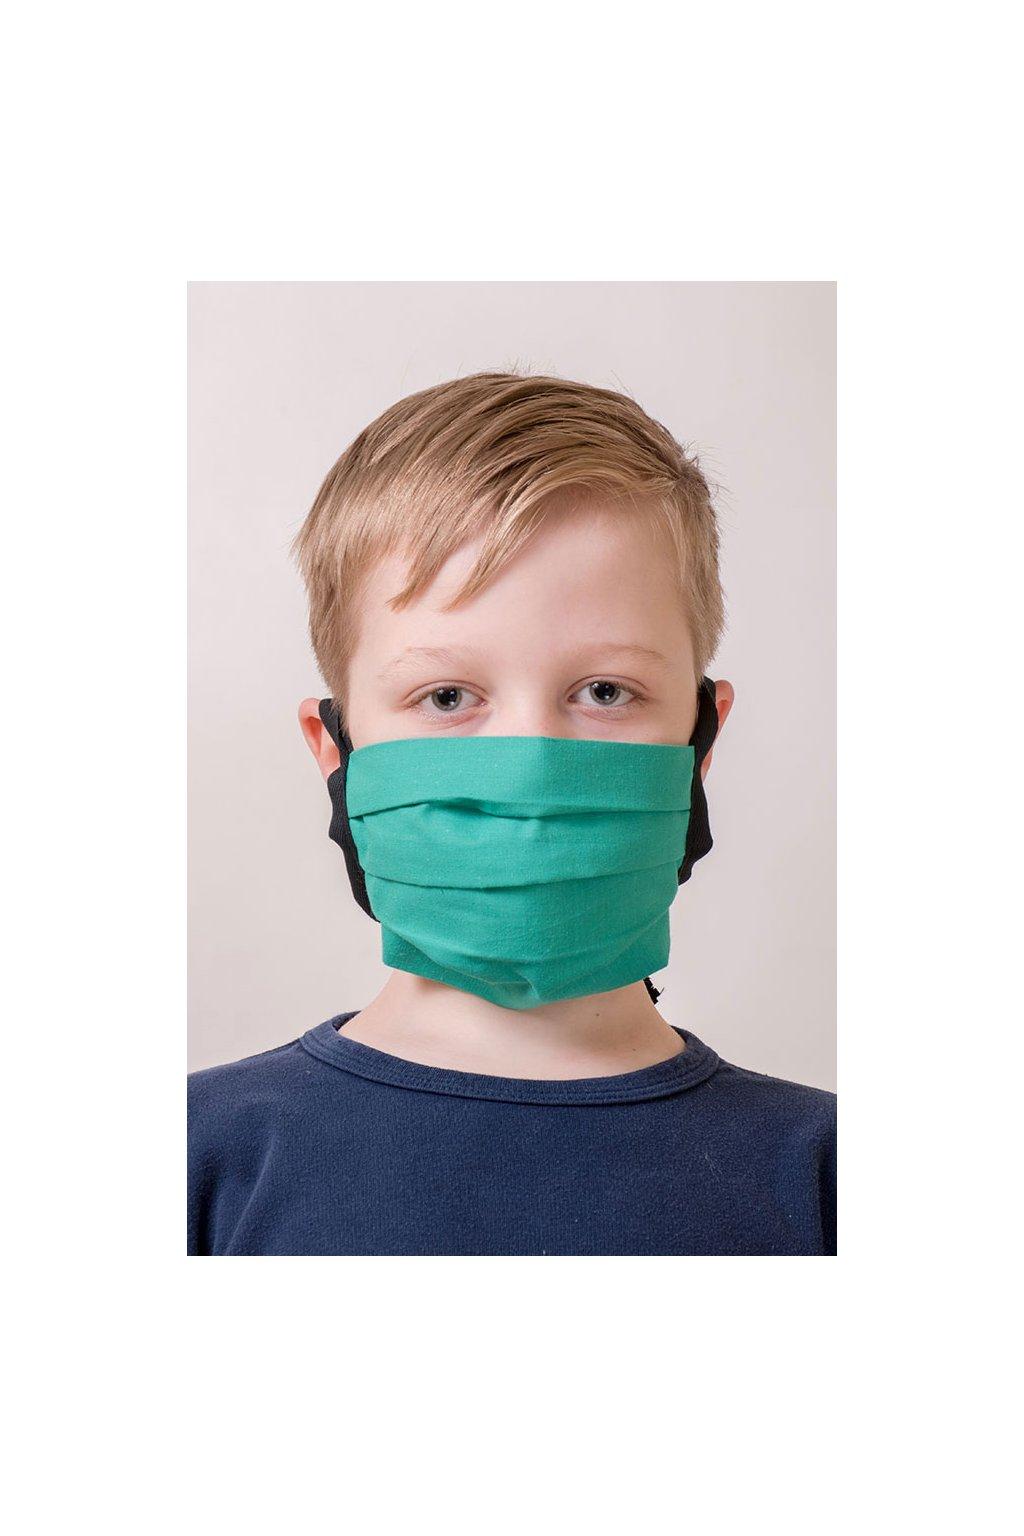 Dětská bavlněná rouška na ústa a nos dvouvrstvá skládaná s kapsou, šňůry z keprové stuhy, 787-210, Zelená